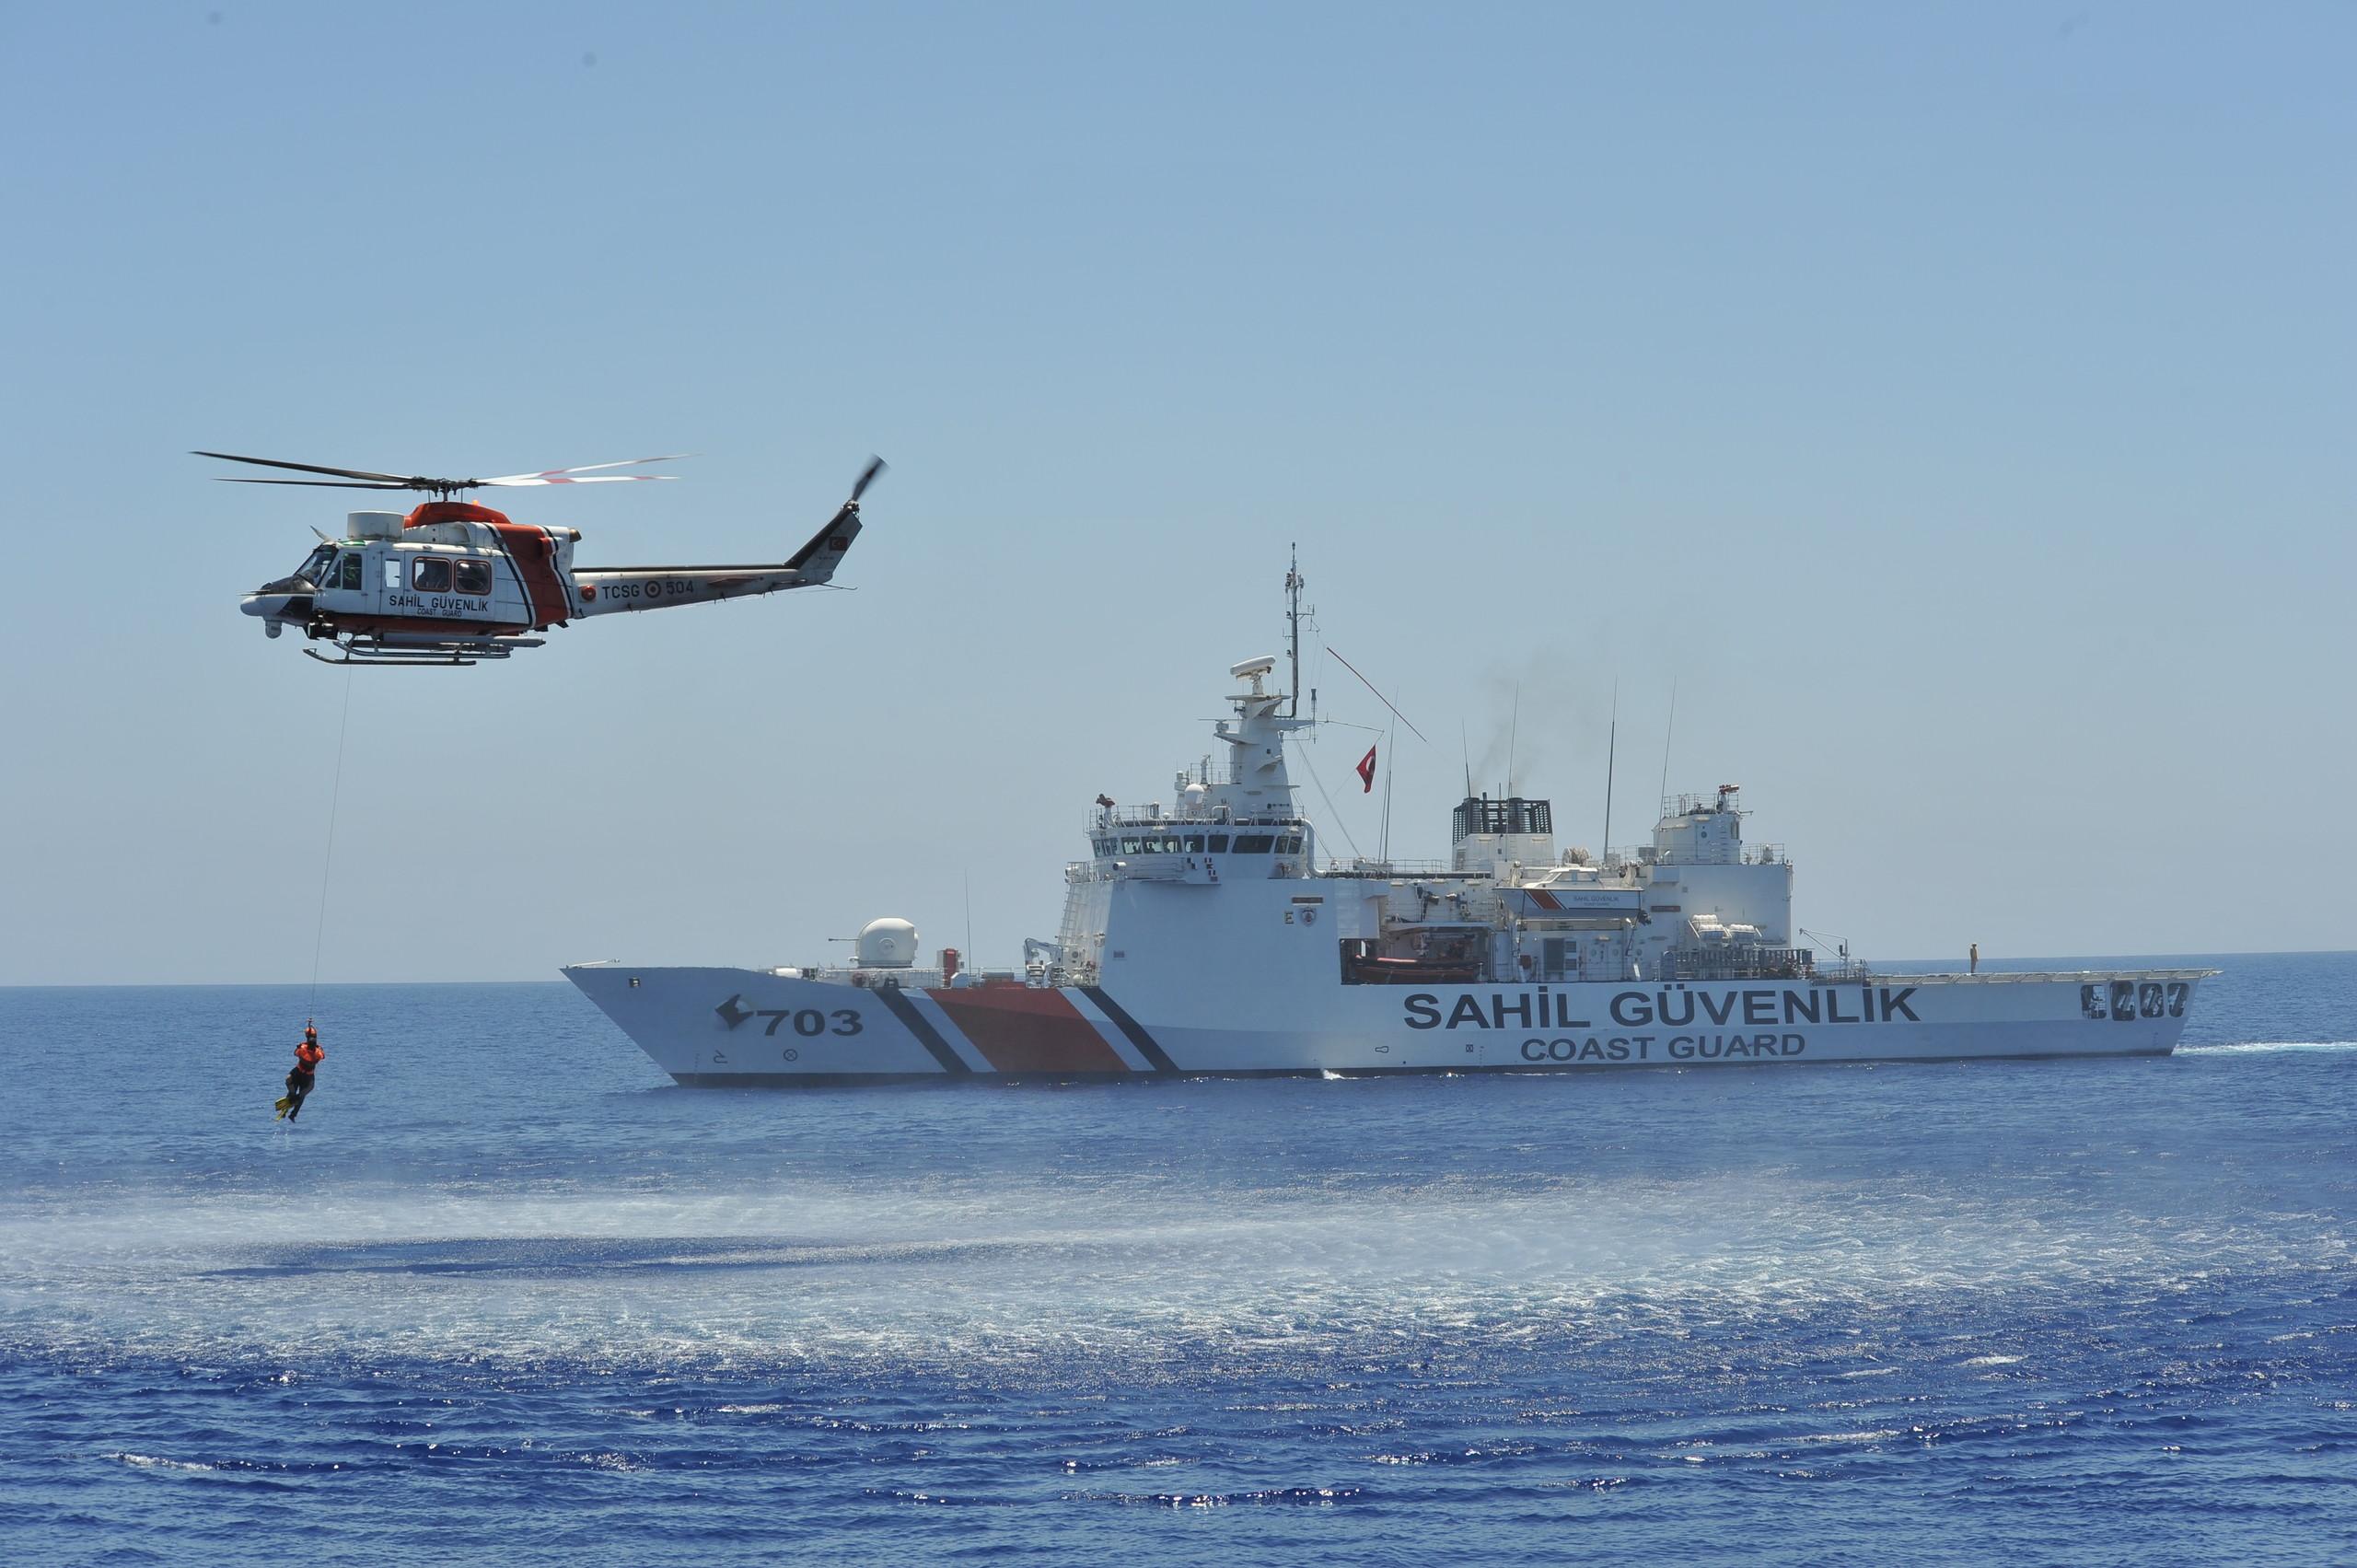 Turkish Navy: KEm6rW